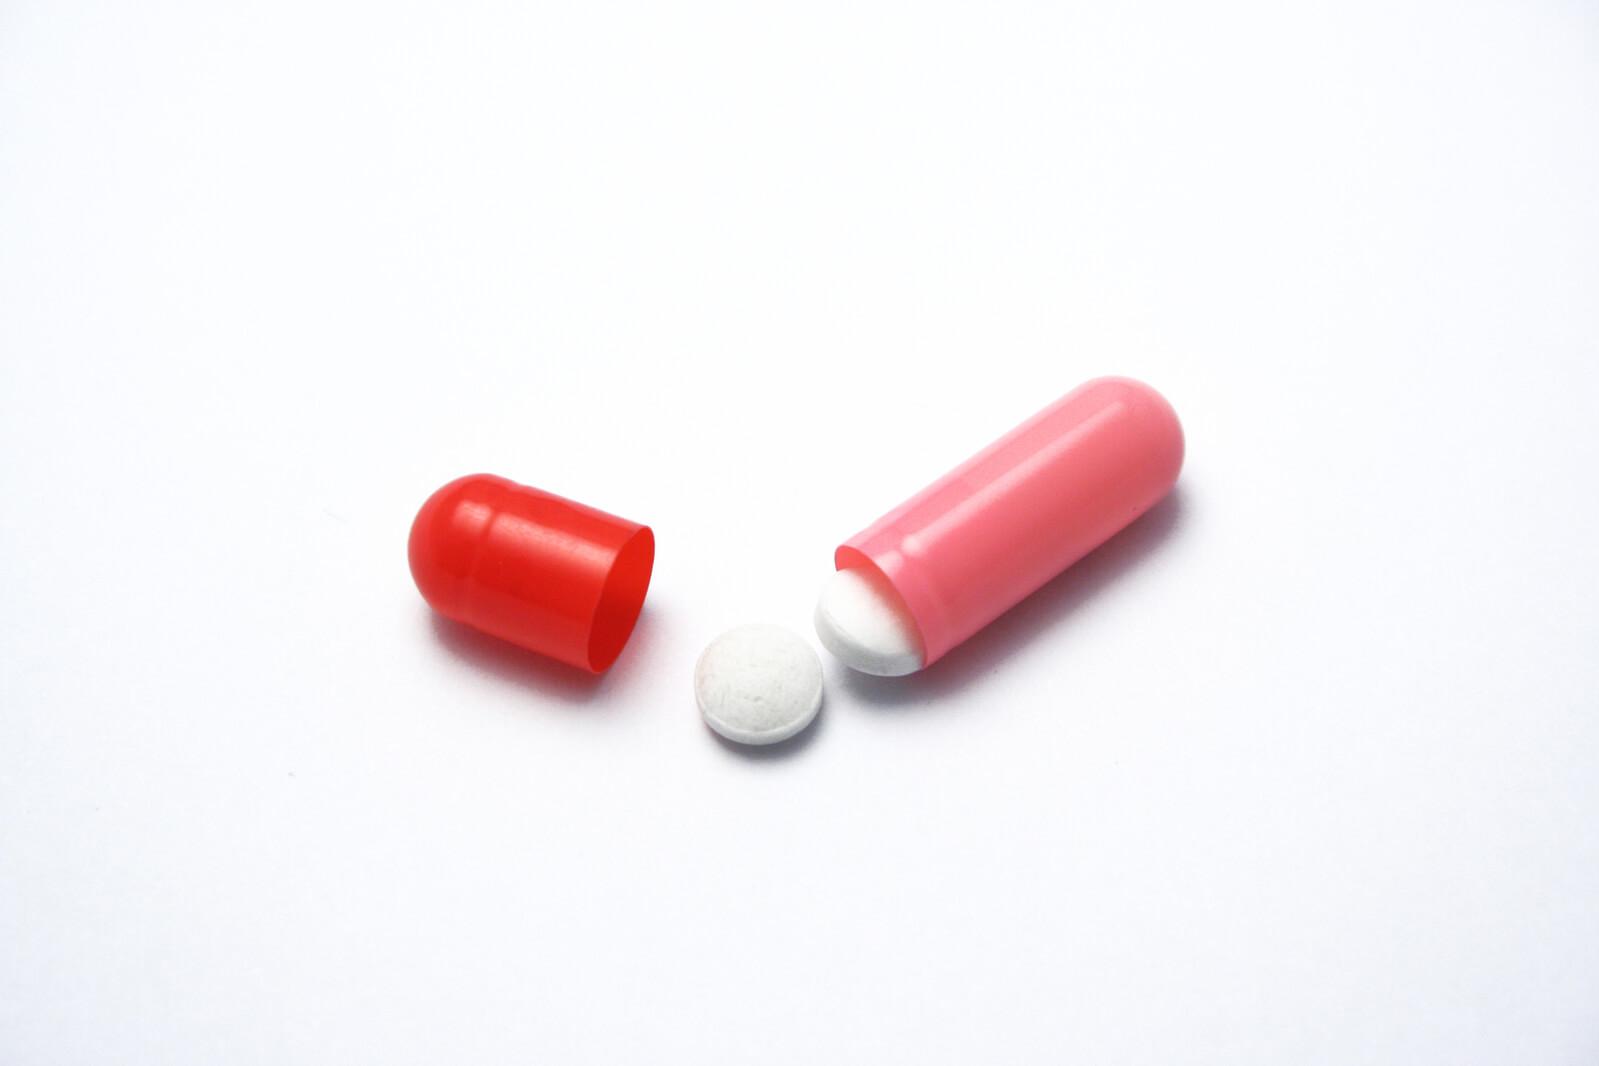 pills-pills-pills-2-1326917-1599x1066